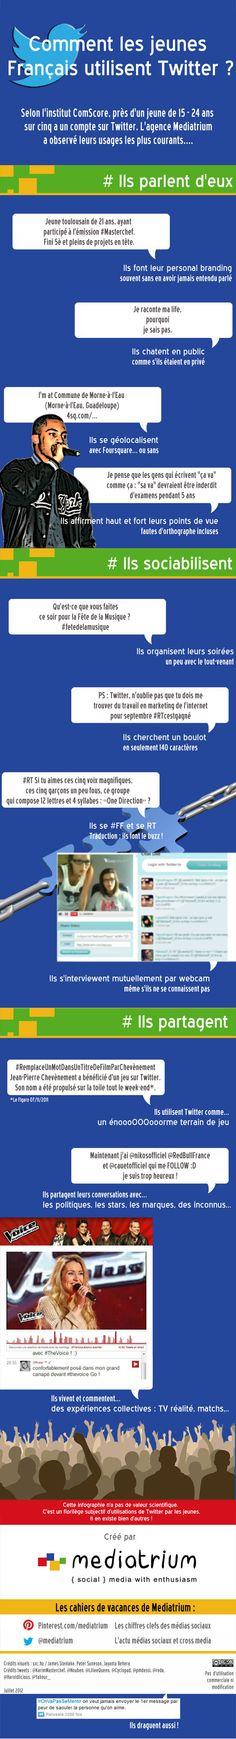 Comment les jeunes Fraçais utilisient Twitter? #infographic